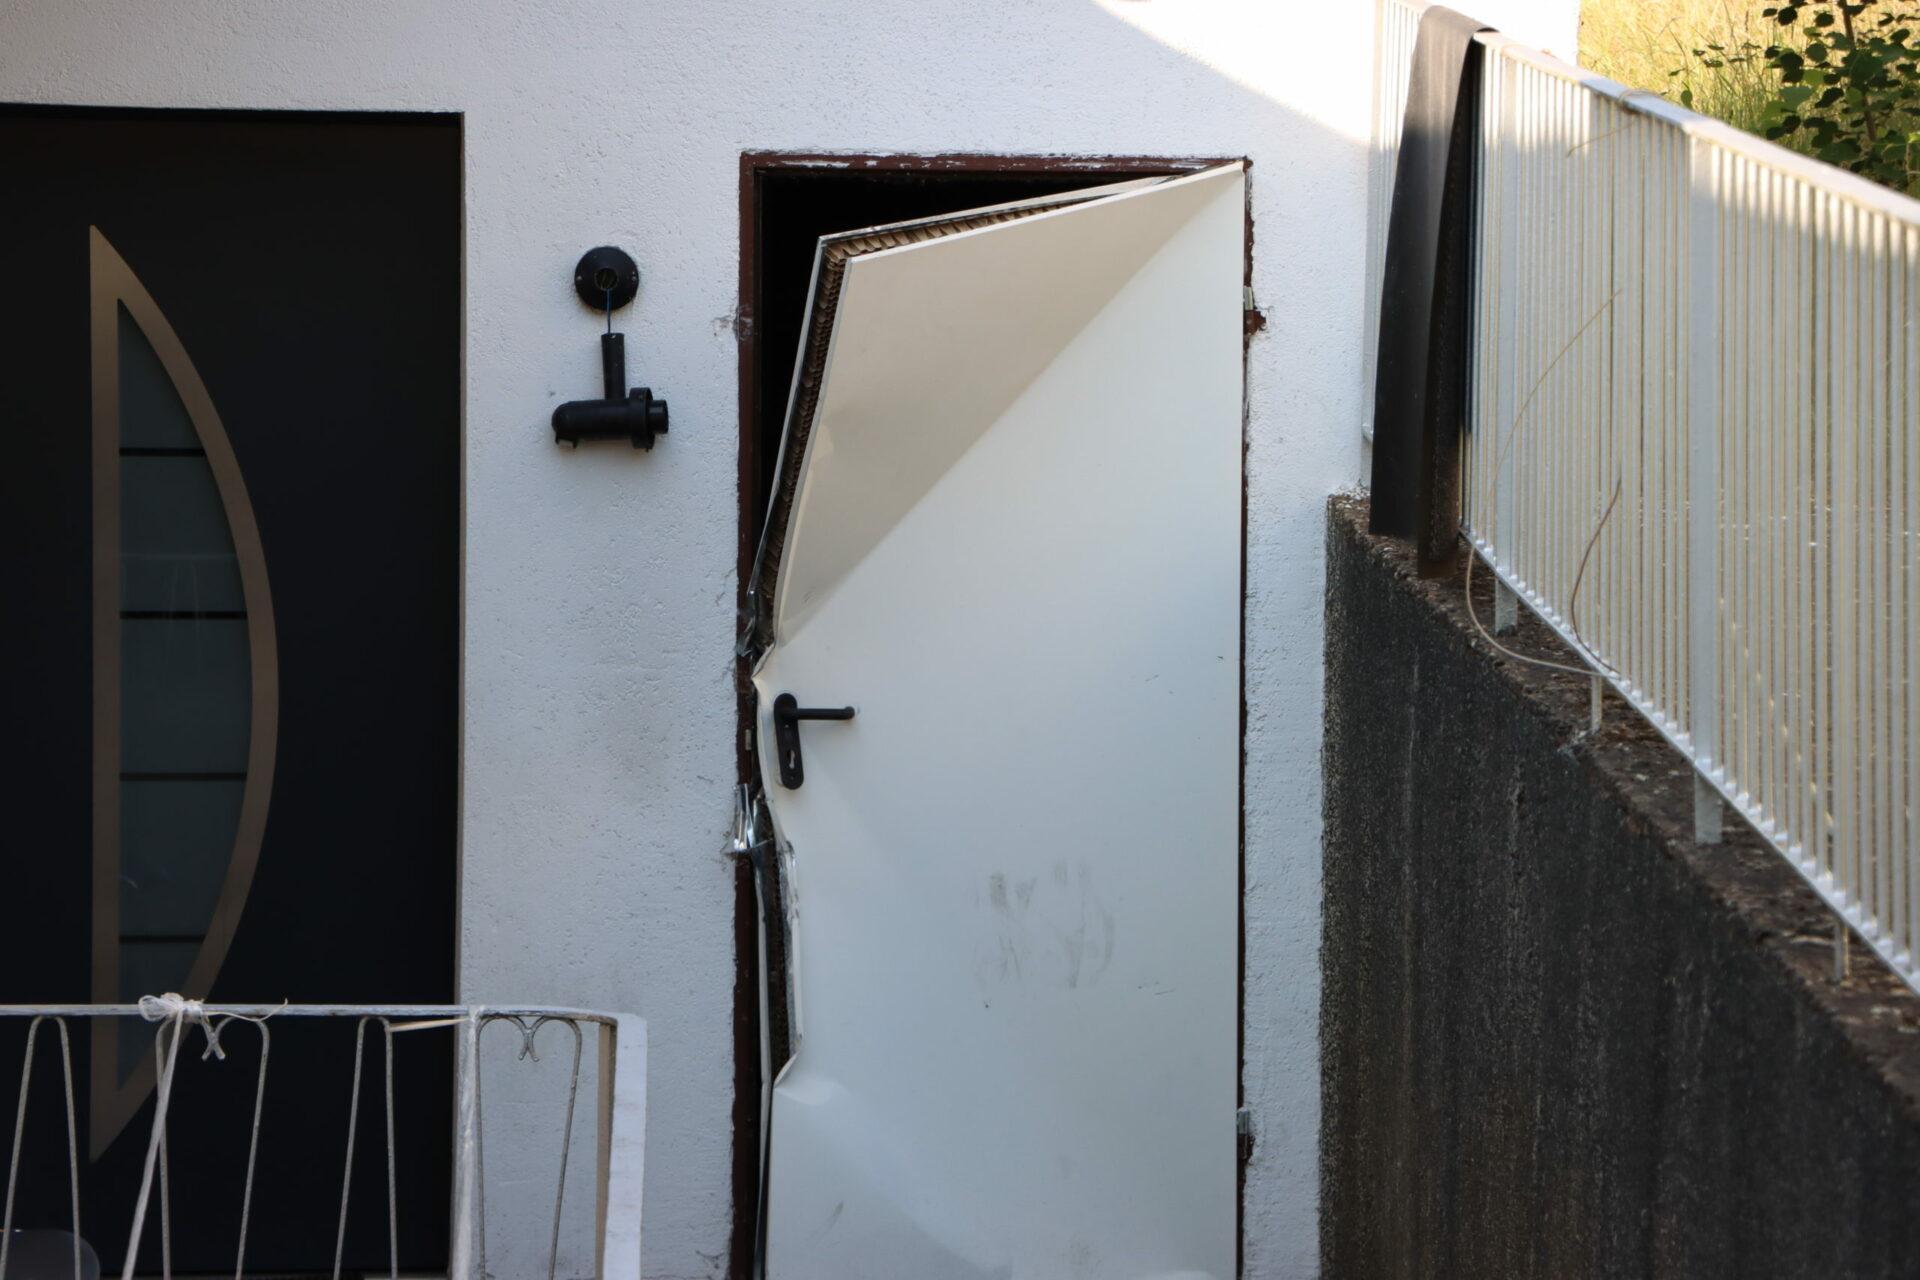 Wurde hinter dieser Tür in Ergste drei Tage lang gefoltert?